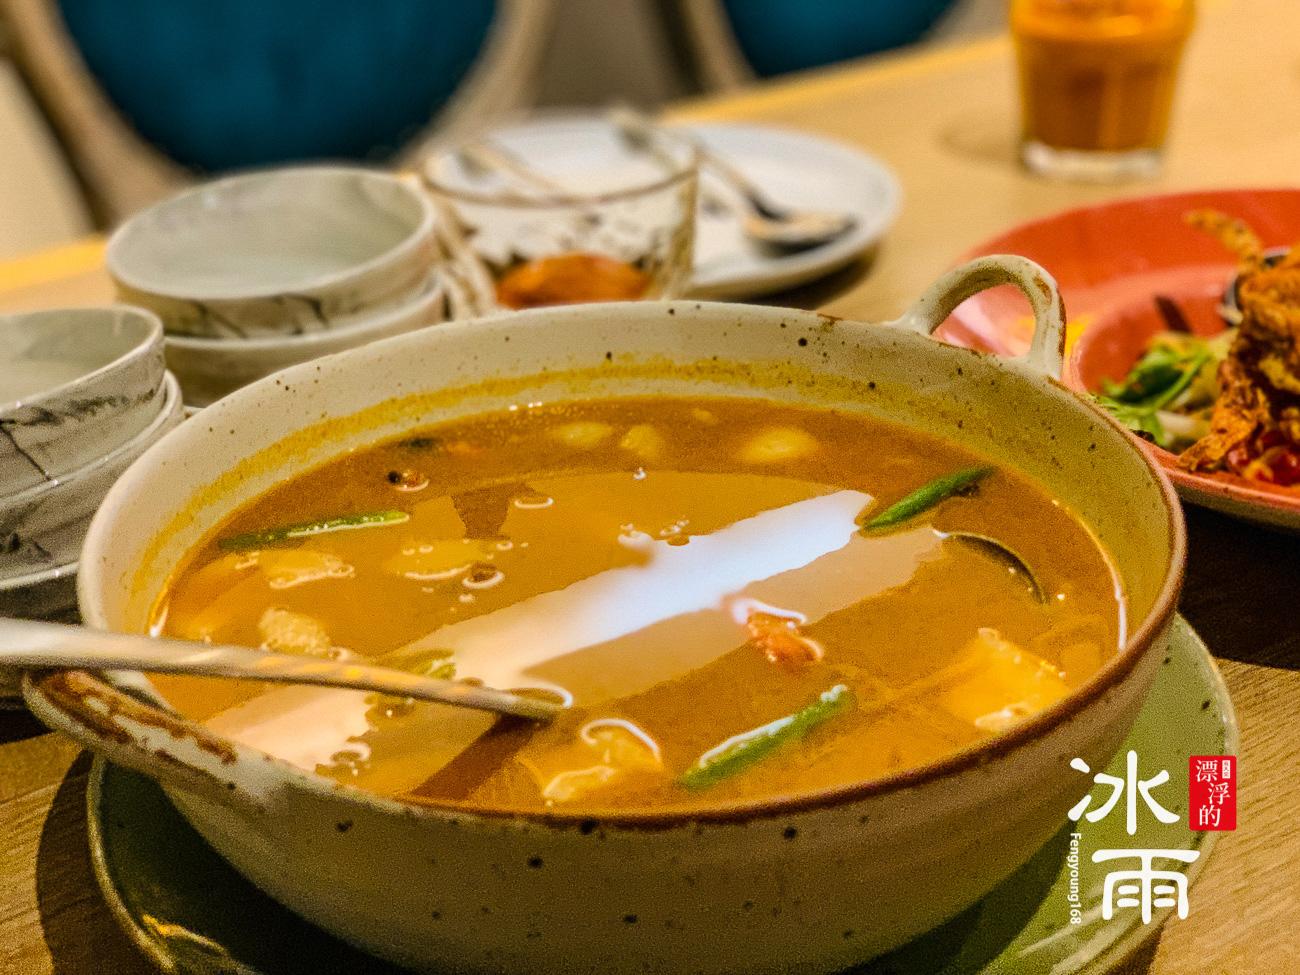 不是很有泰國風味了~剩下一點點的酸辣味~整個走經